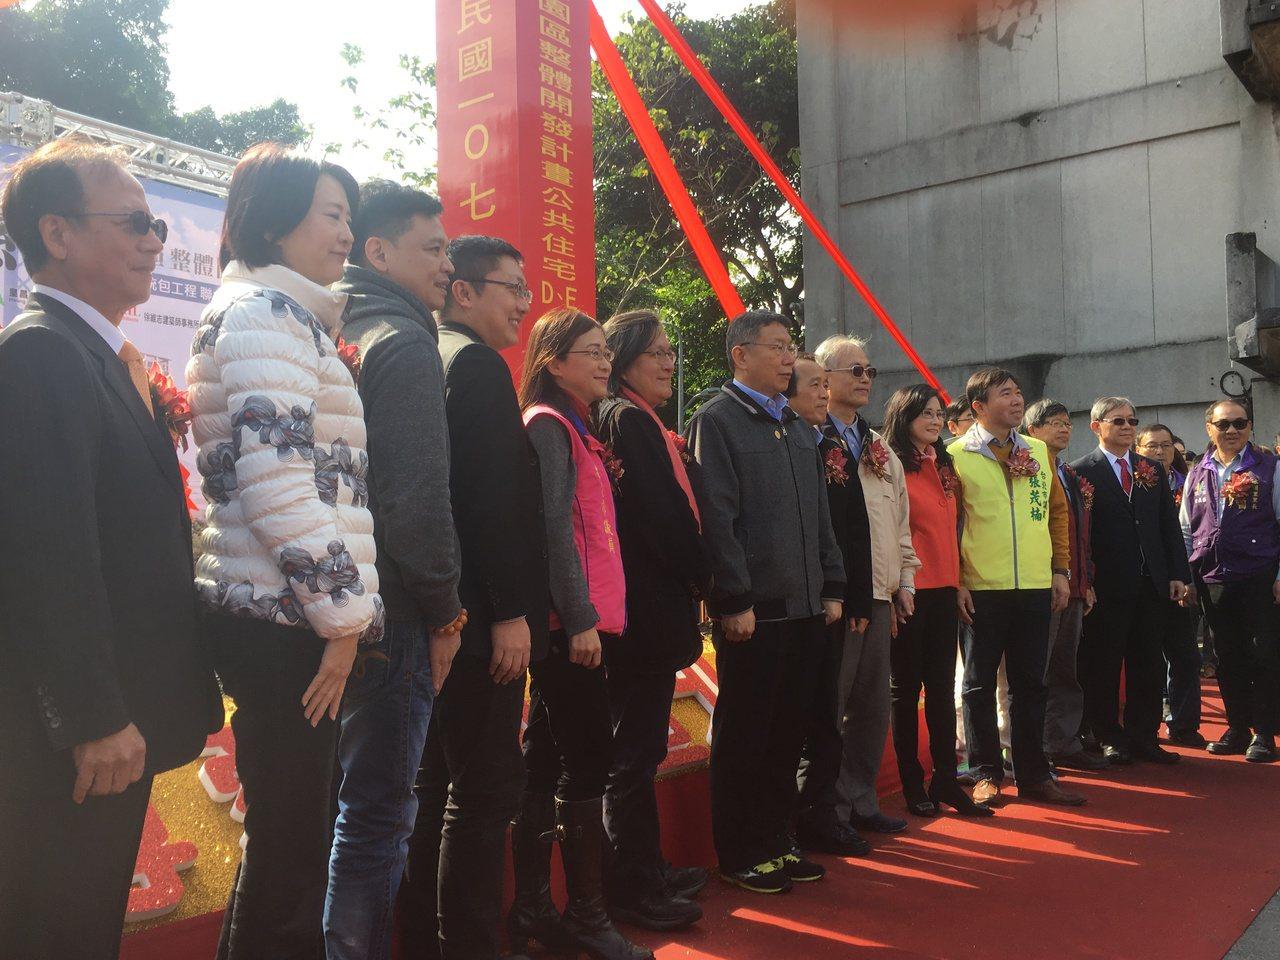 台北市長柯文哲今天出席「廣慈博愛園區D、E標公宅」開工動土典禮。記者張世杰/攝影